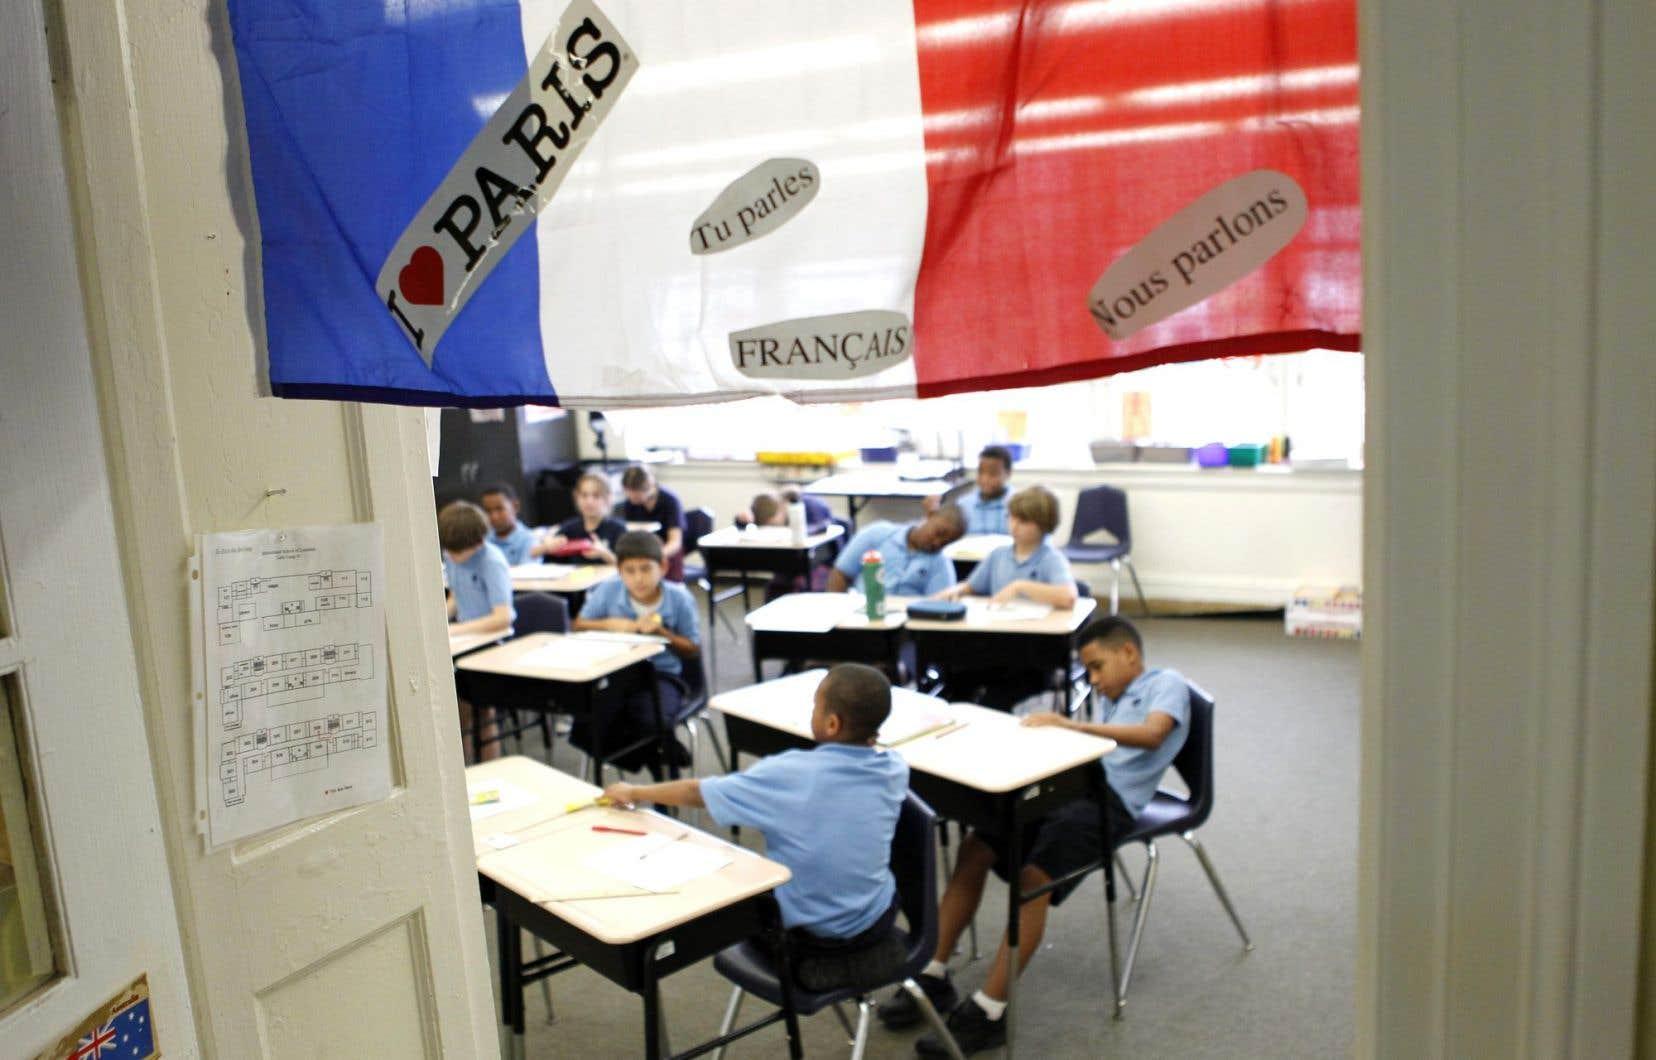 Offerts depuis 1983, les programmes d'immersion, inspirés du modèle canadien, permettent aux élèves d'apprendre non pas le français, mais bien «en» français, dans une proportion variant de 50 à 60% de leur formation.